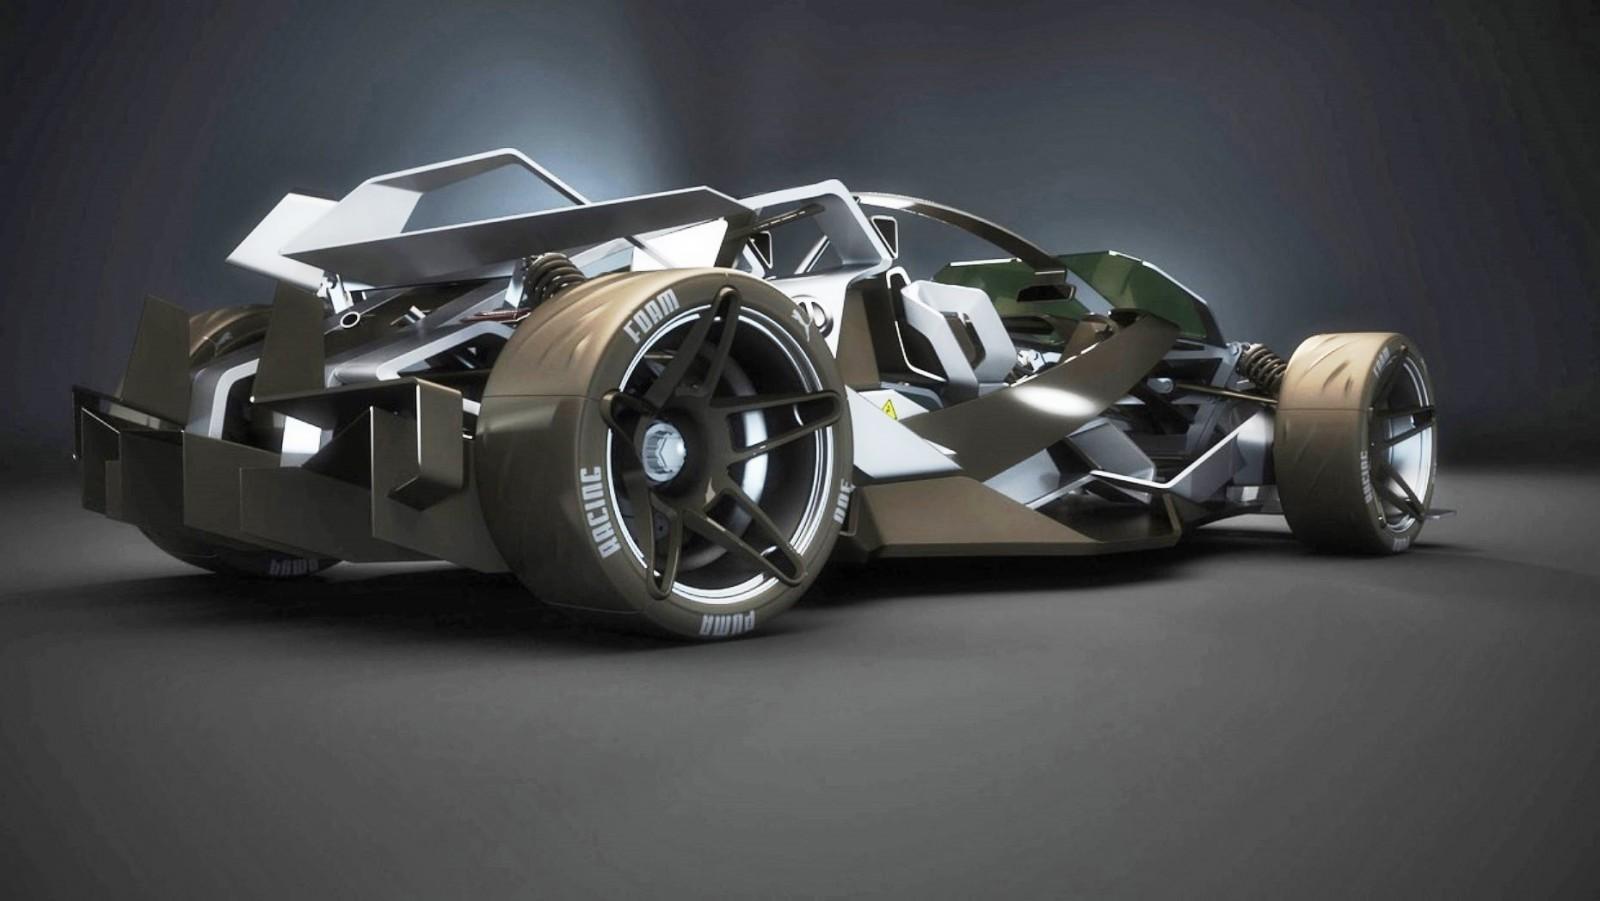 2020 Puma Boulevard Racer by Sabino Leerentveld 20